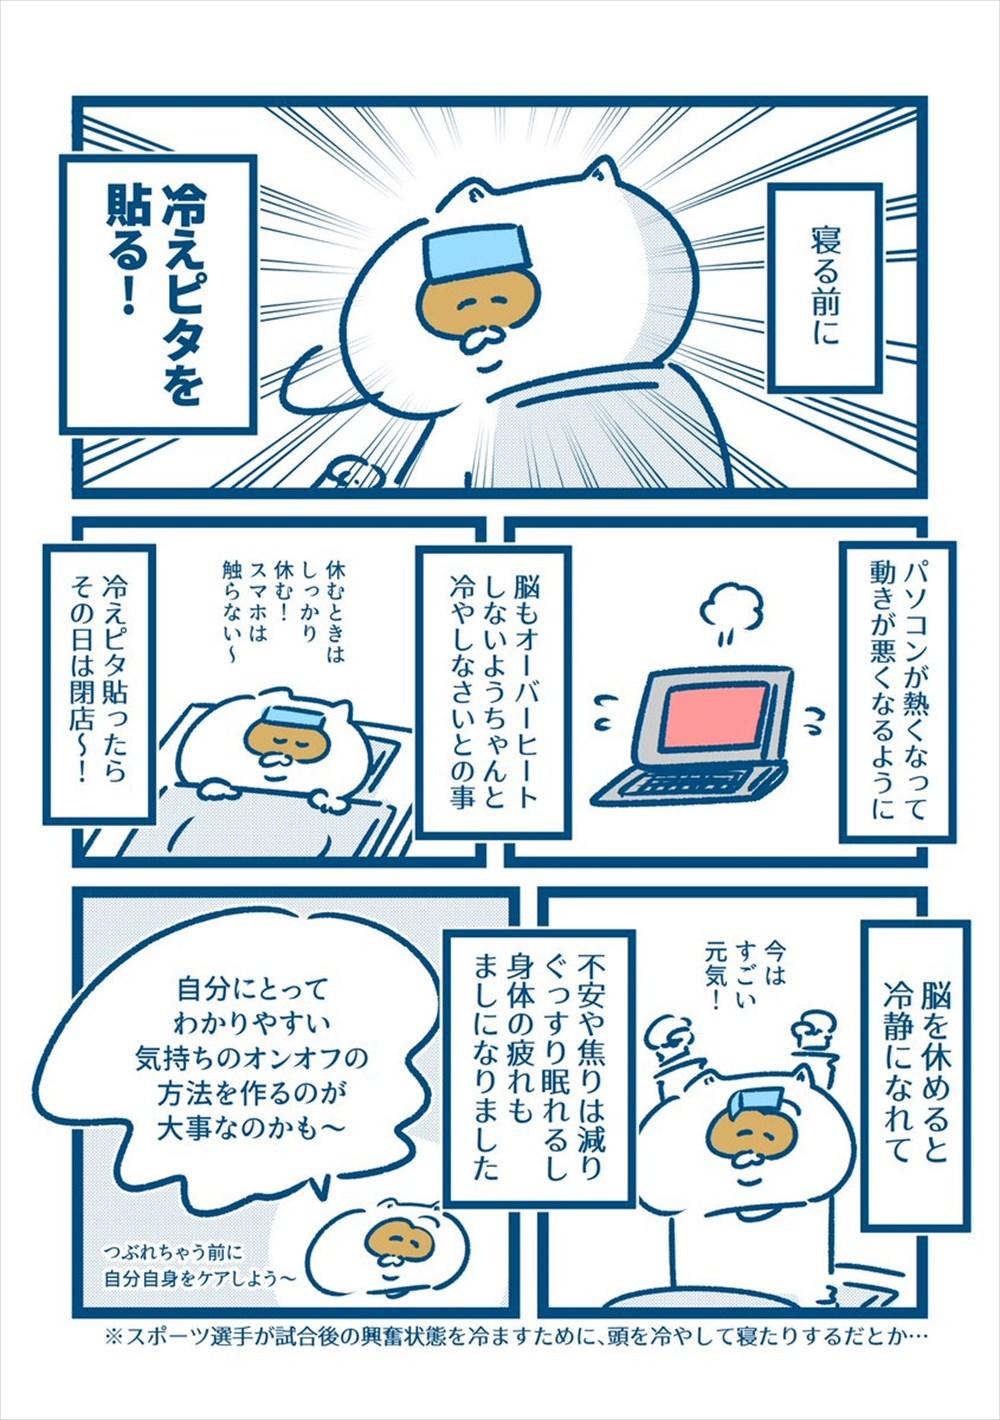 吉本ユータヌキさん